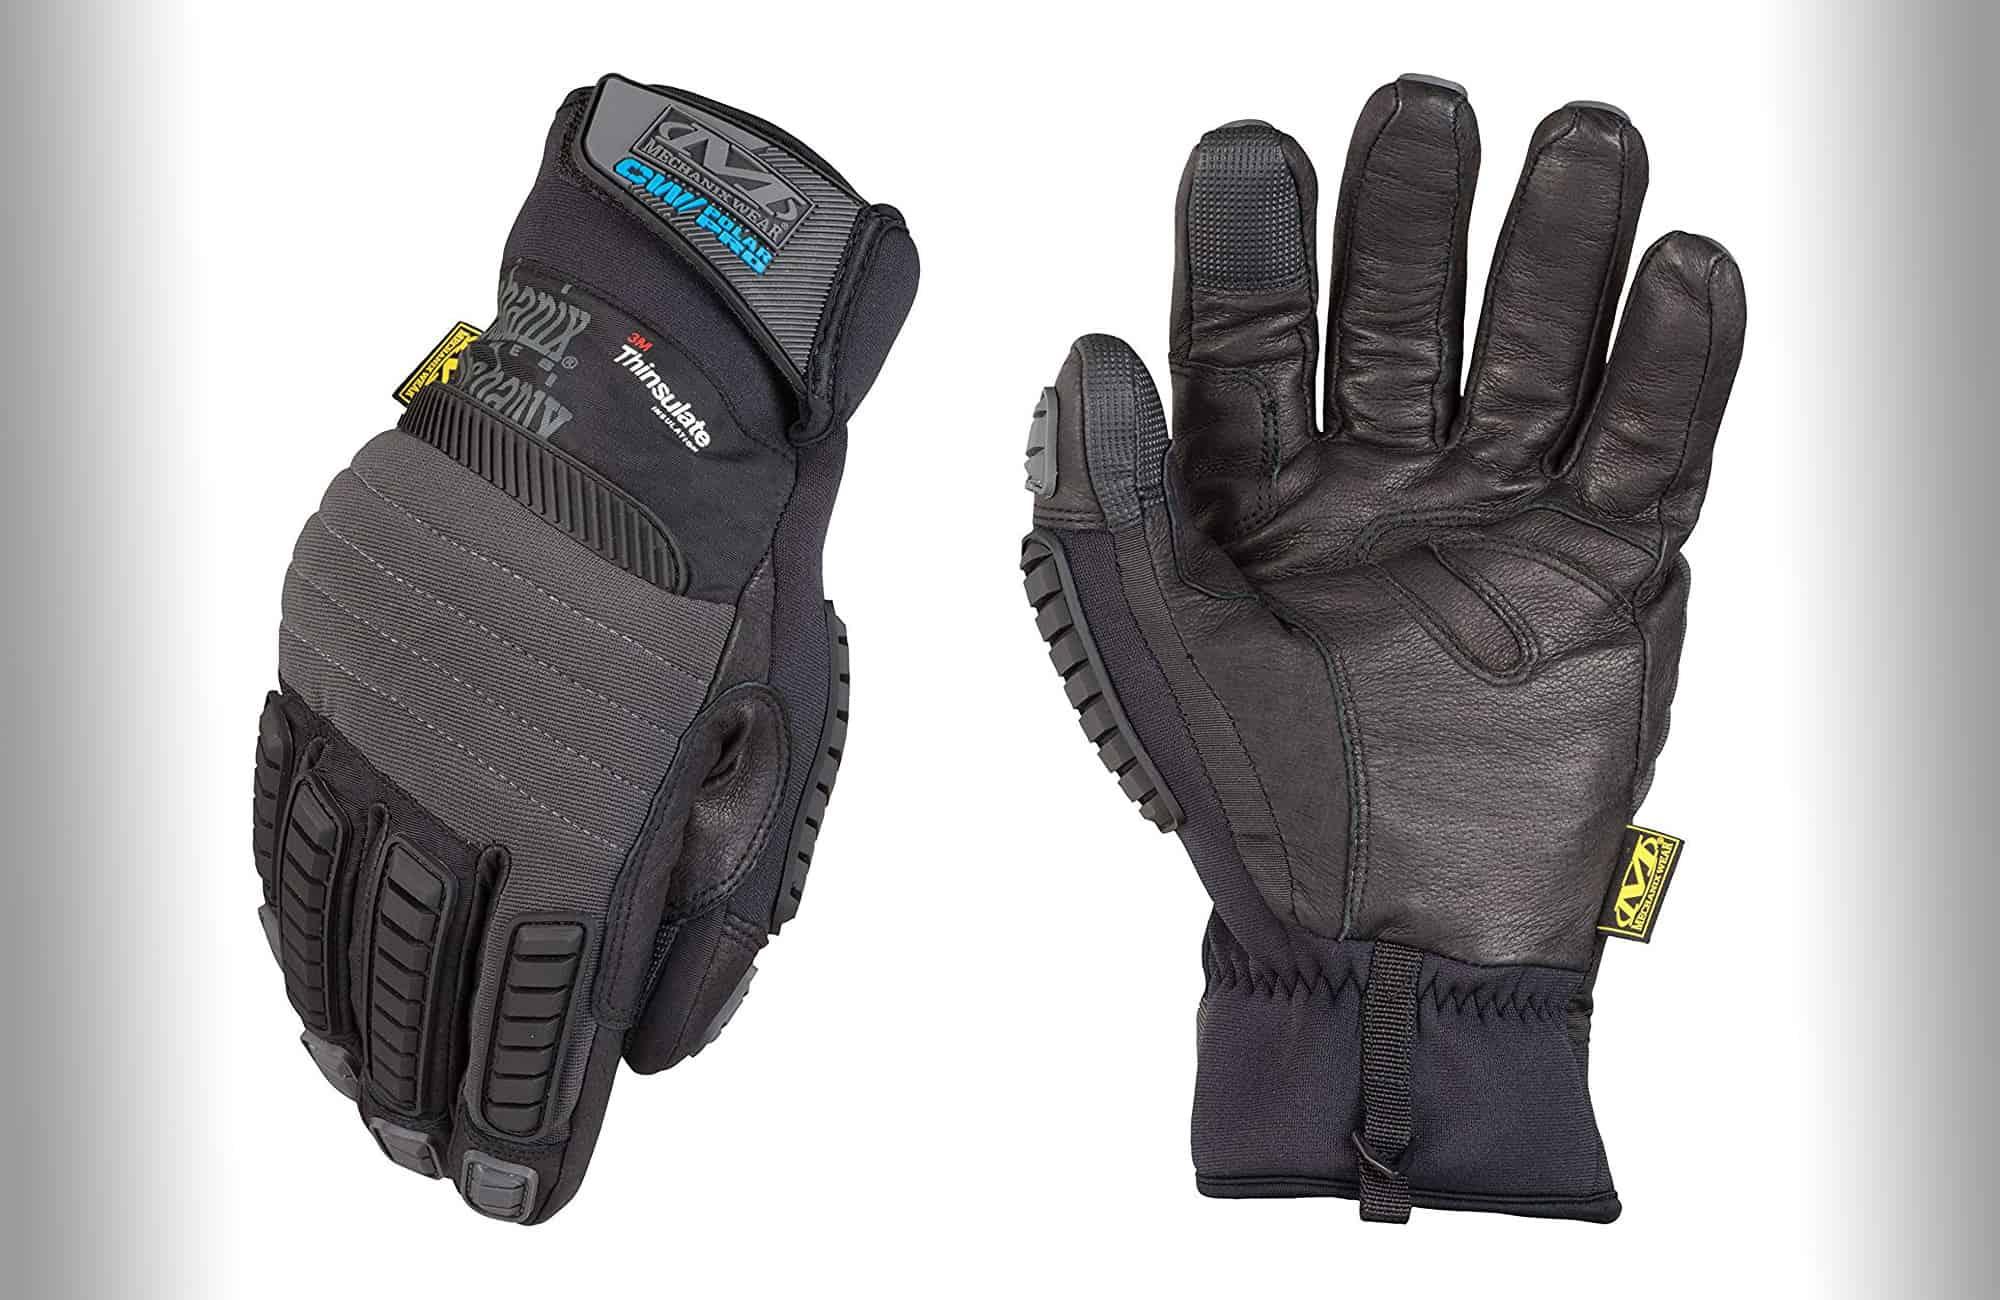 Mechanix Wear - Polar Pro Winter Gloves